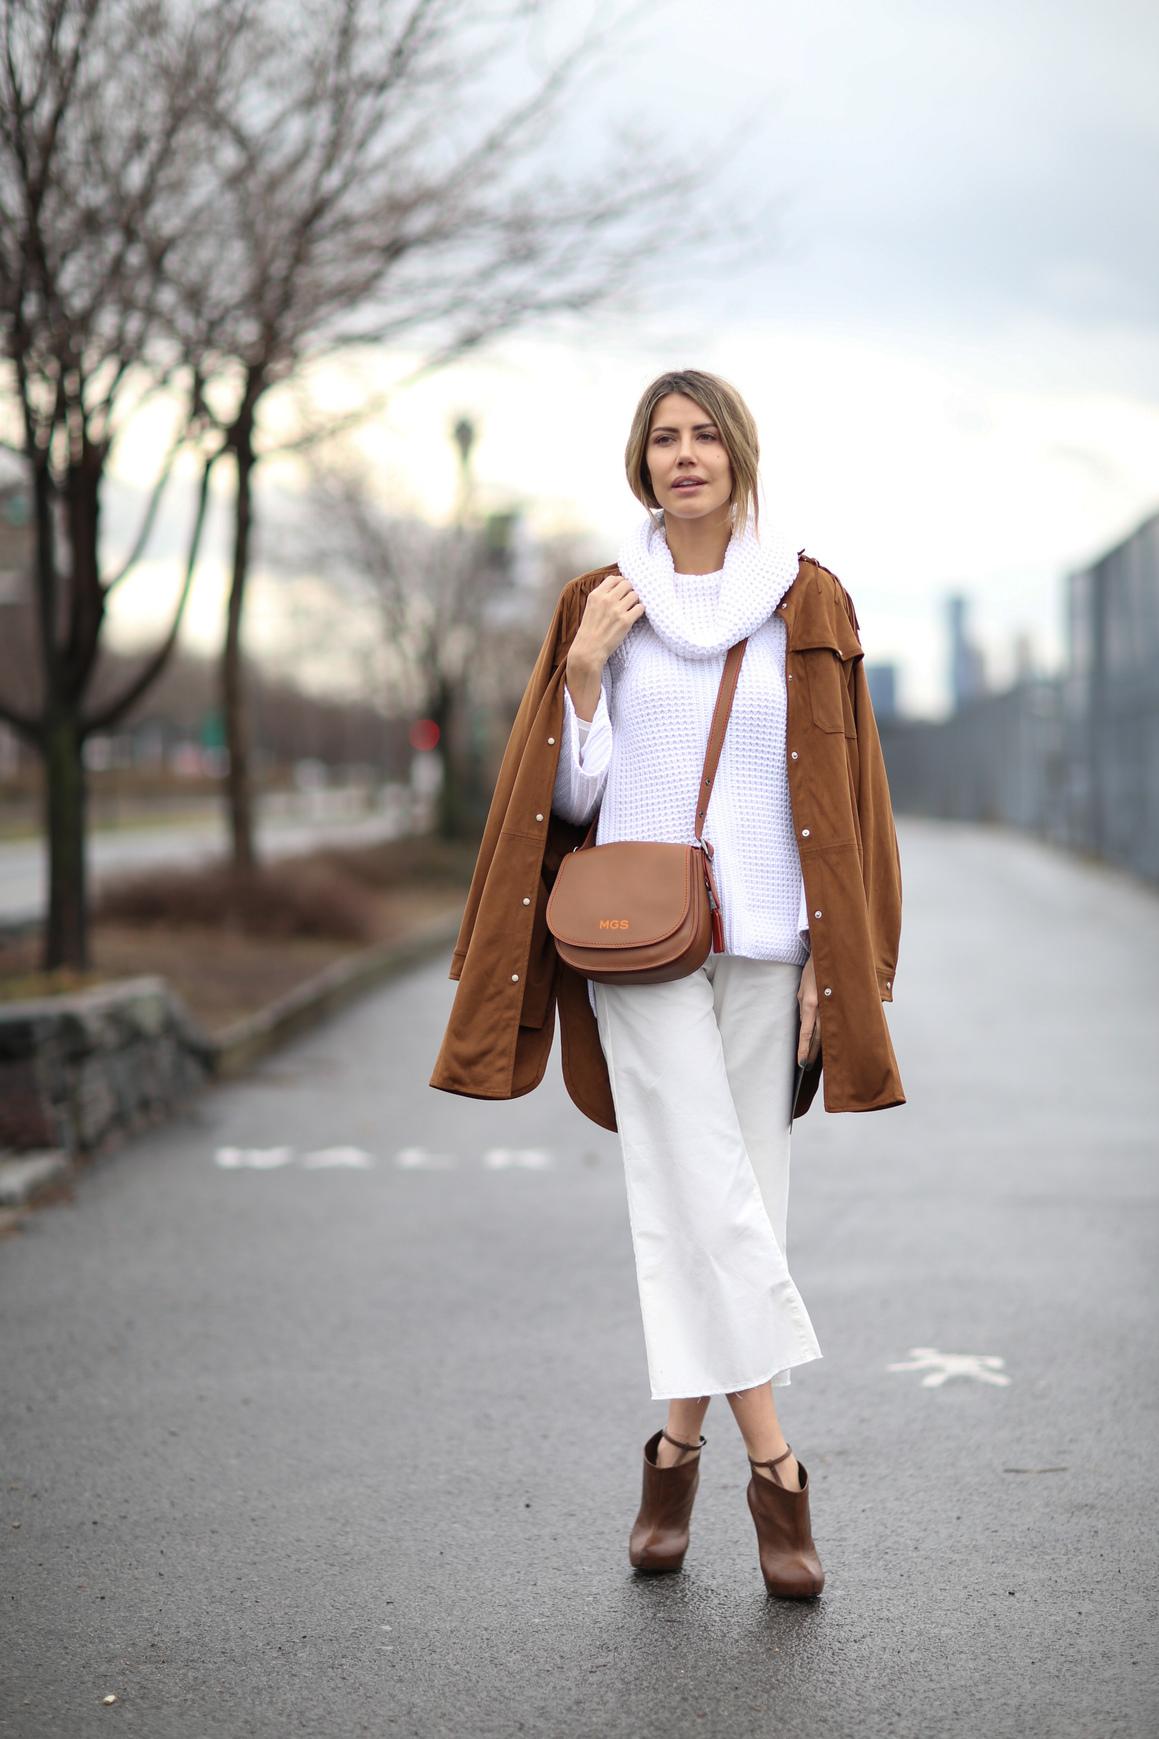 Stylizacja ze skórzaną torebką i beżowymi spodniami